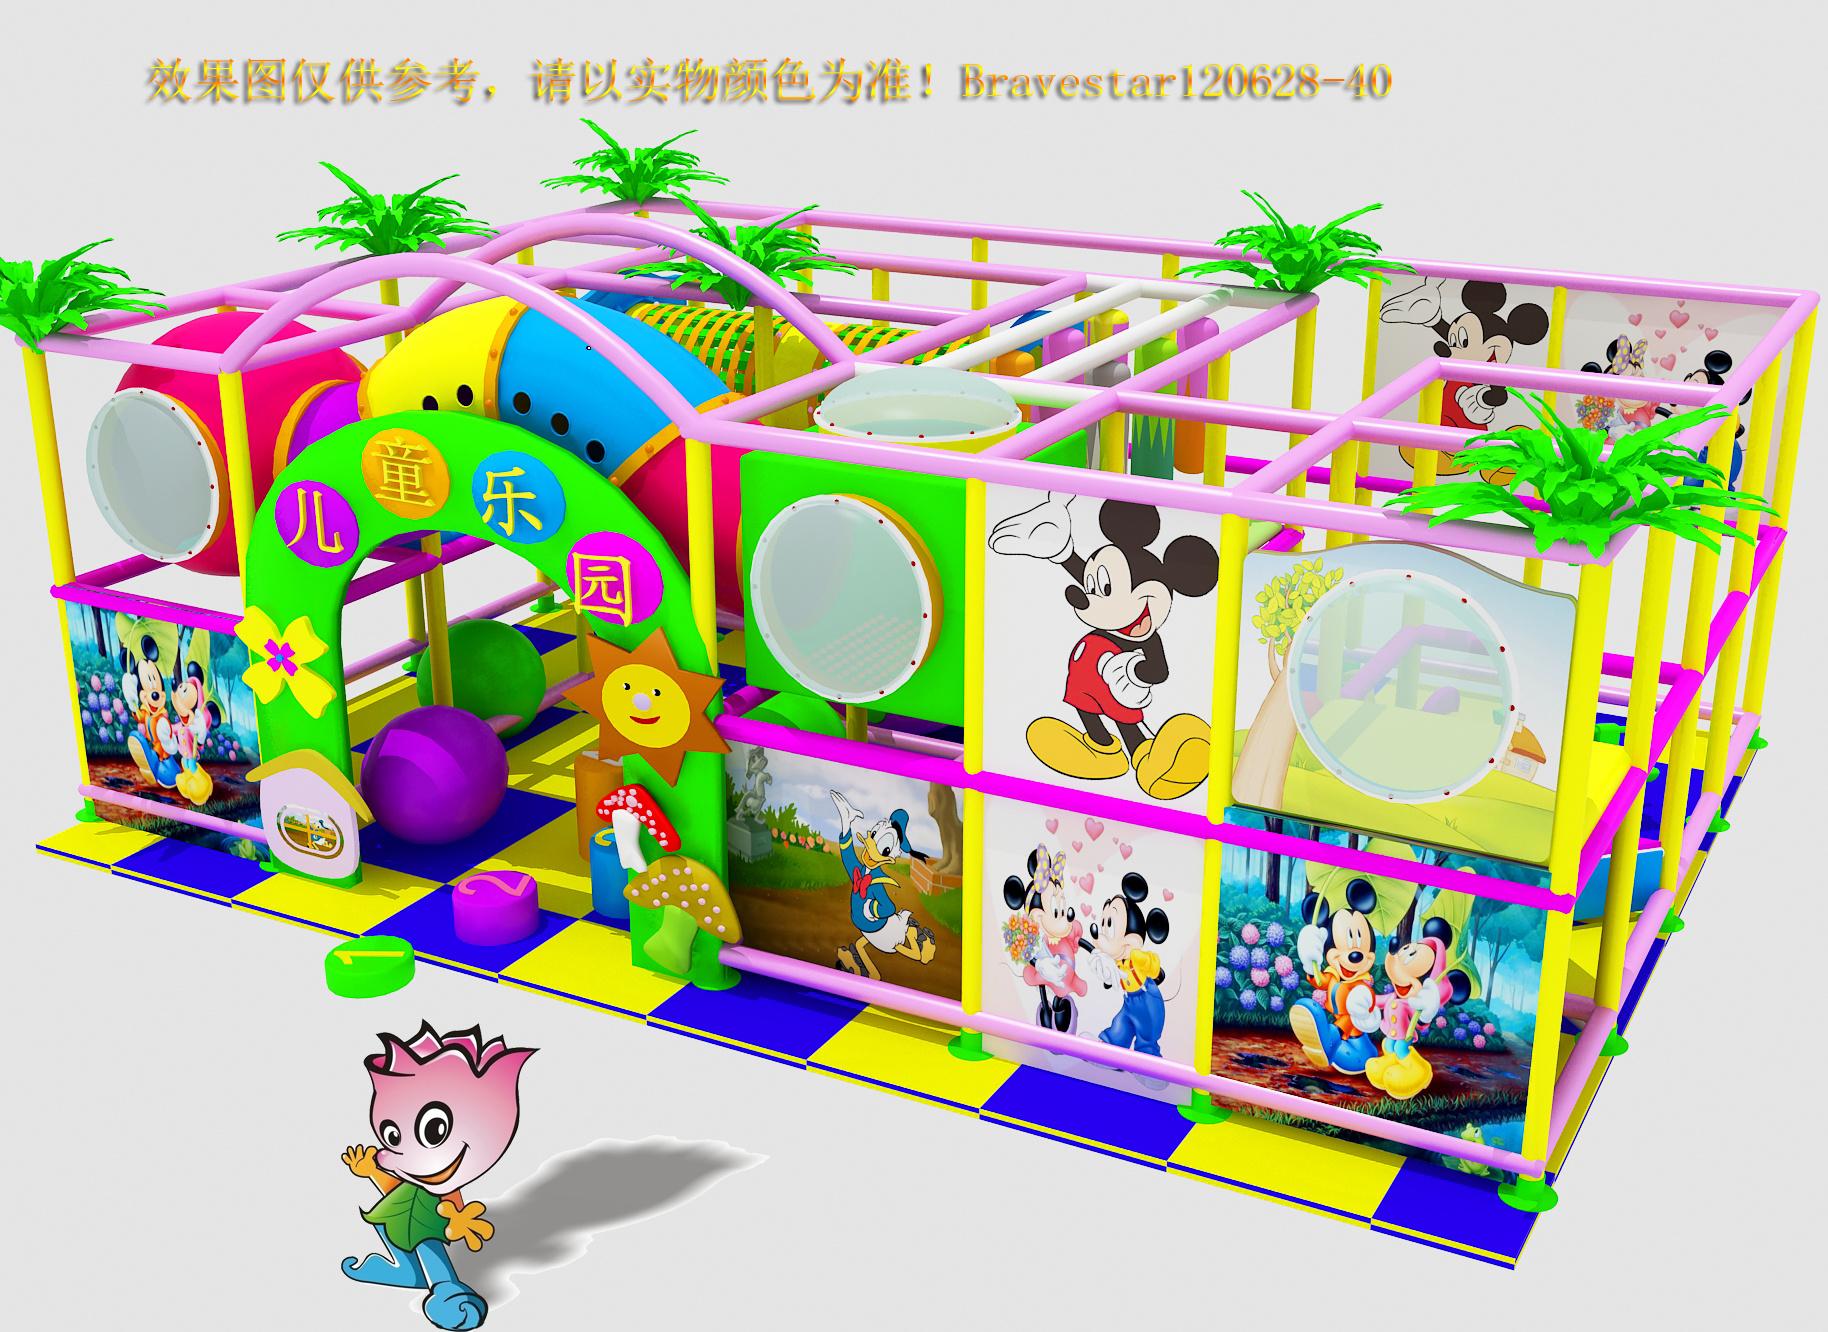 厂家直销淘气堡儿童游乐园  郑州大洋专业定制室内淘气堡项目儿童游艺设施设备示例图8